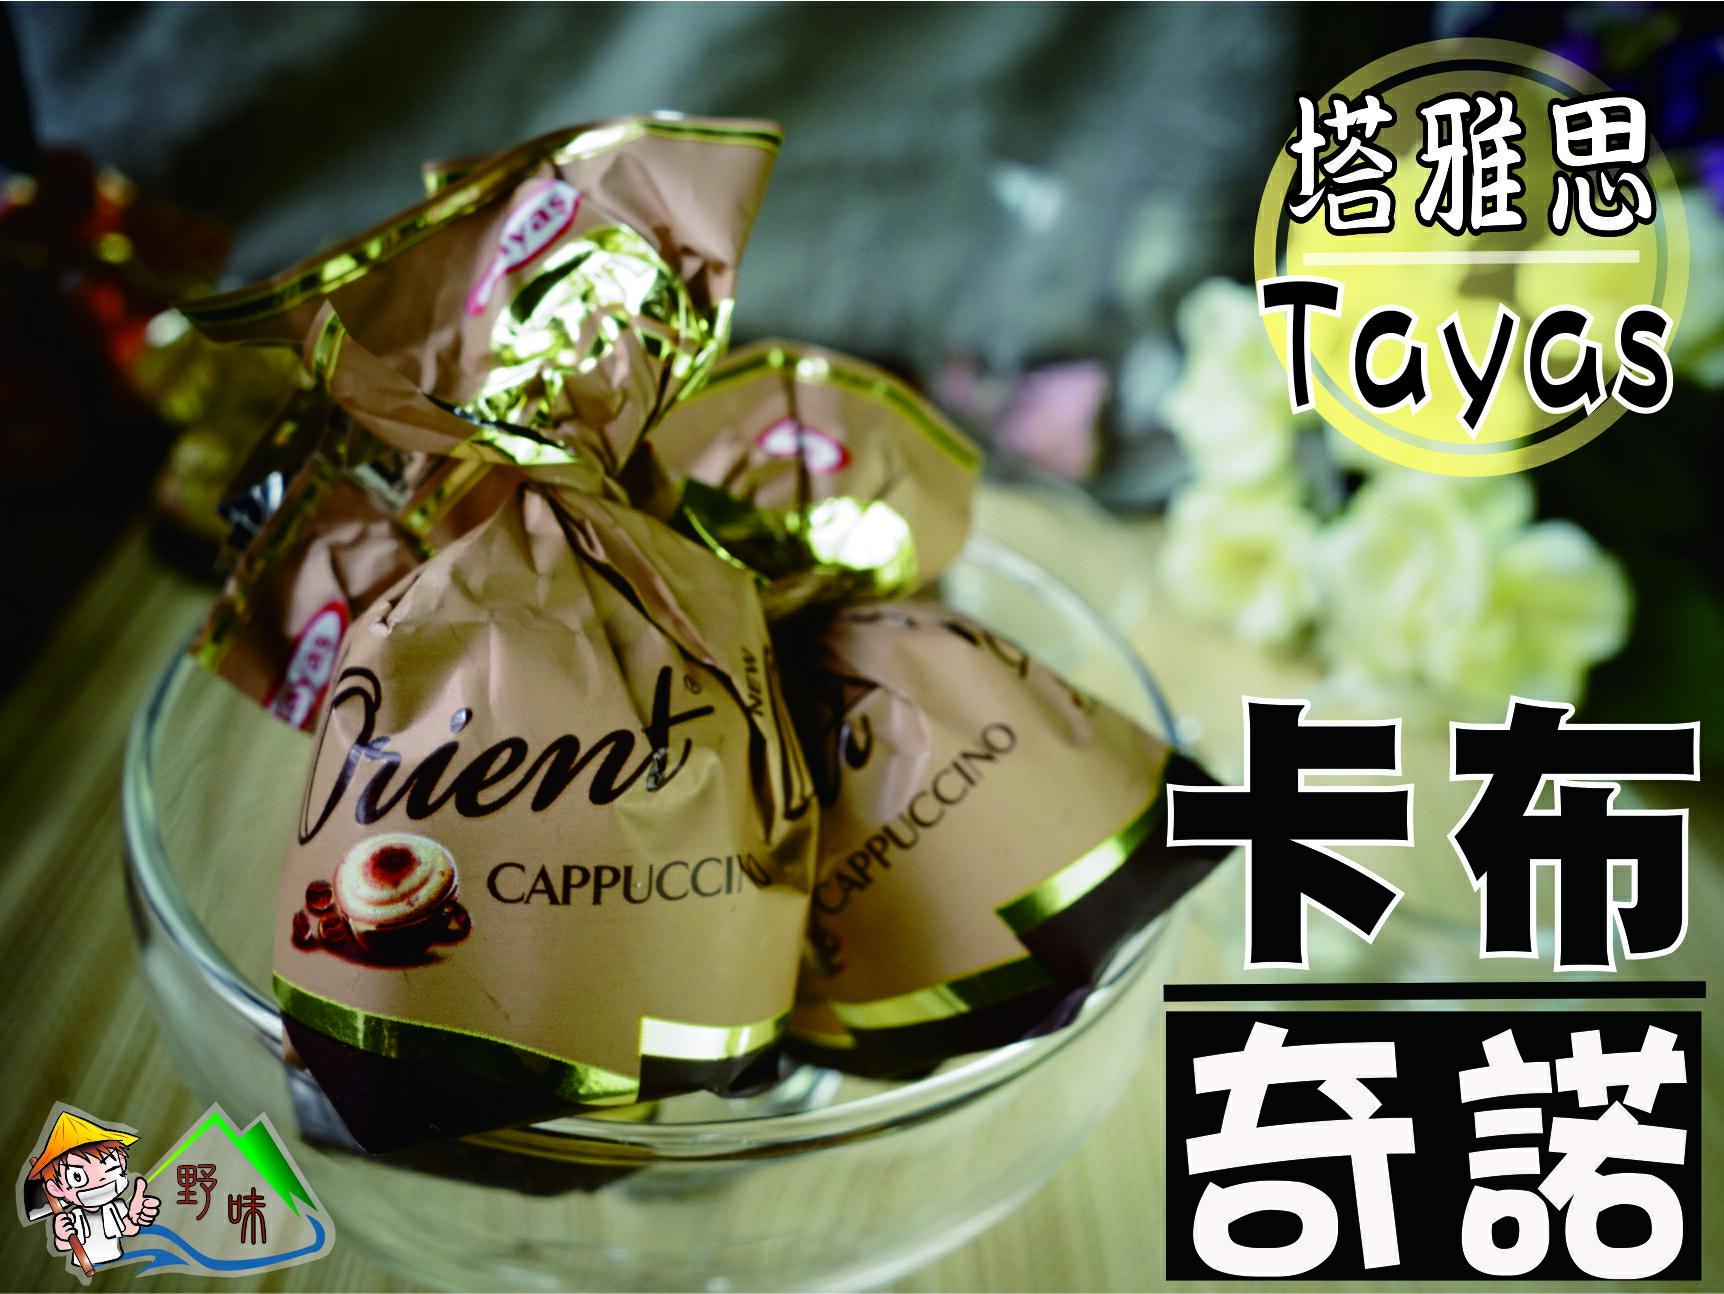 【野味食品】tayas 塔雅思 東方巧克力(卡布奇諾風味)(奶素) (210g 包 450g 包 850g 罐 1000g 盒)